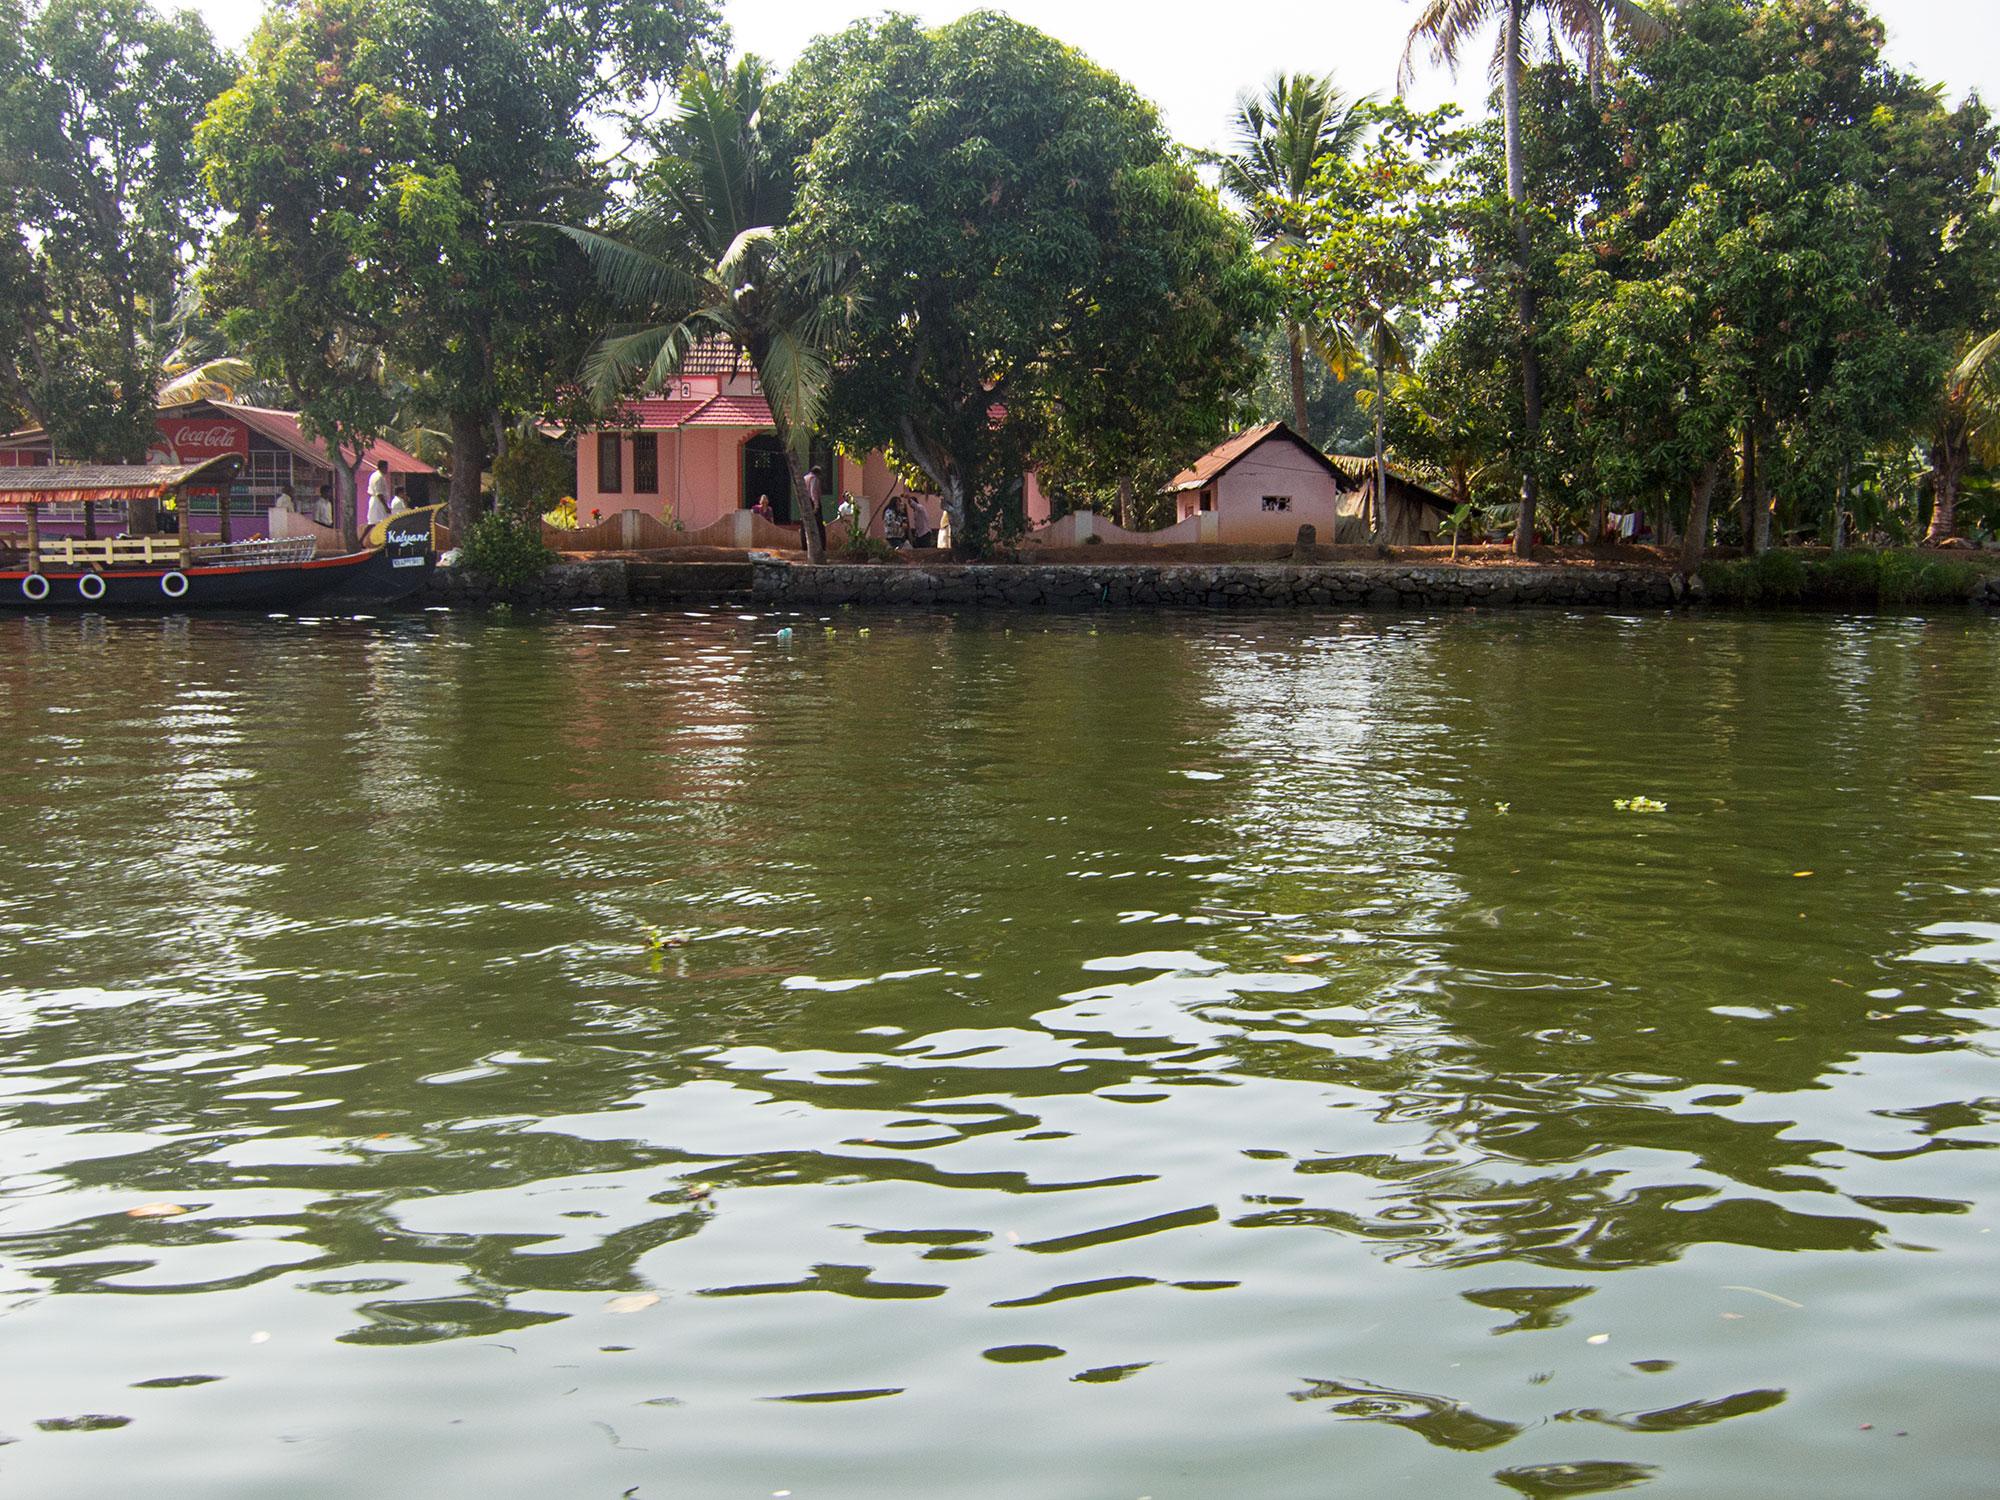 Shore of the Kerala backwater.